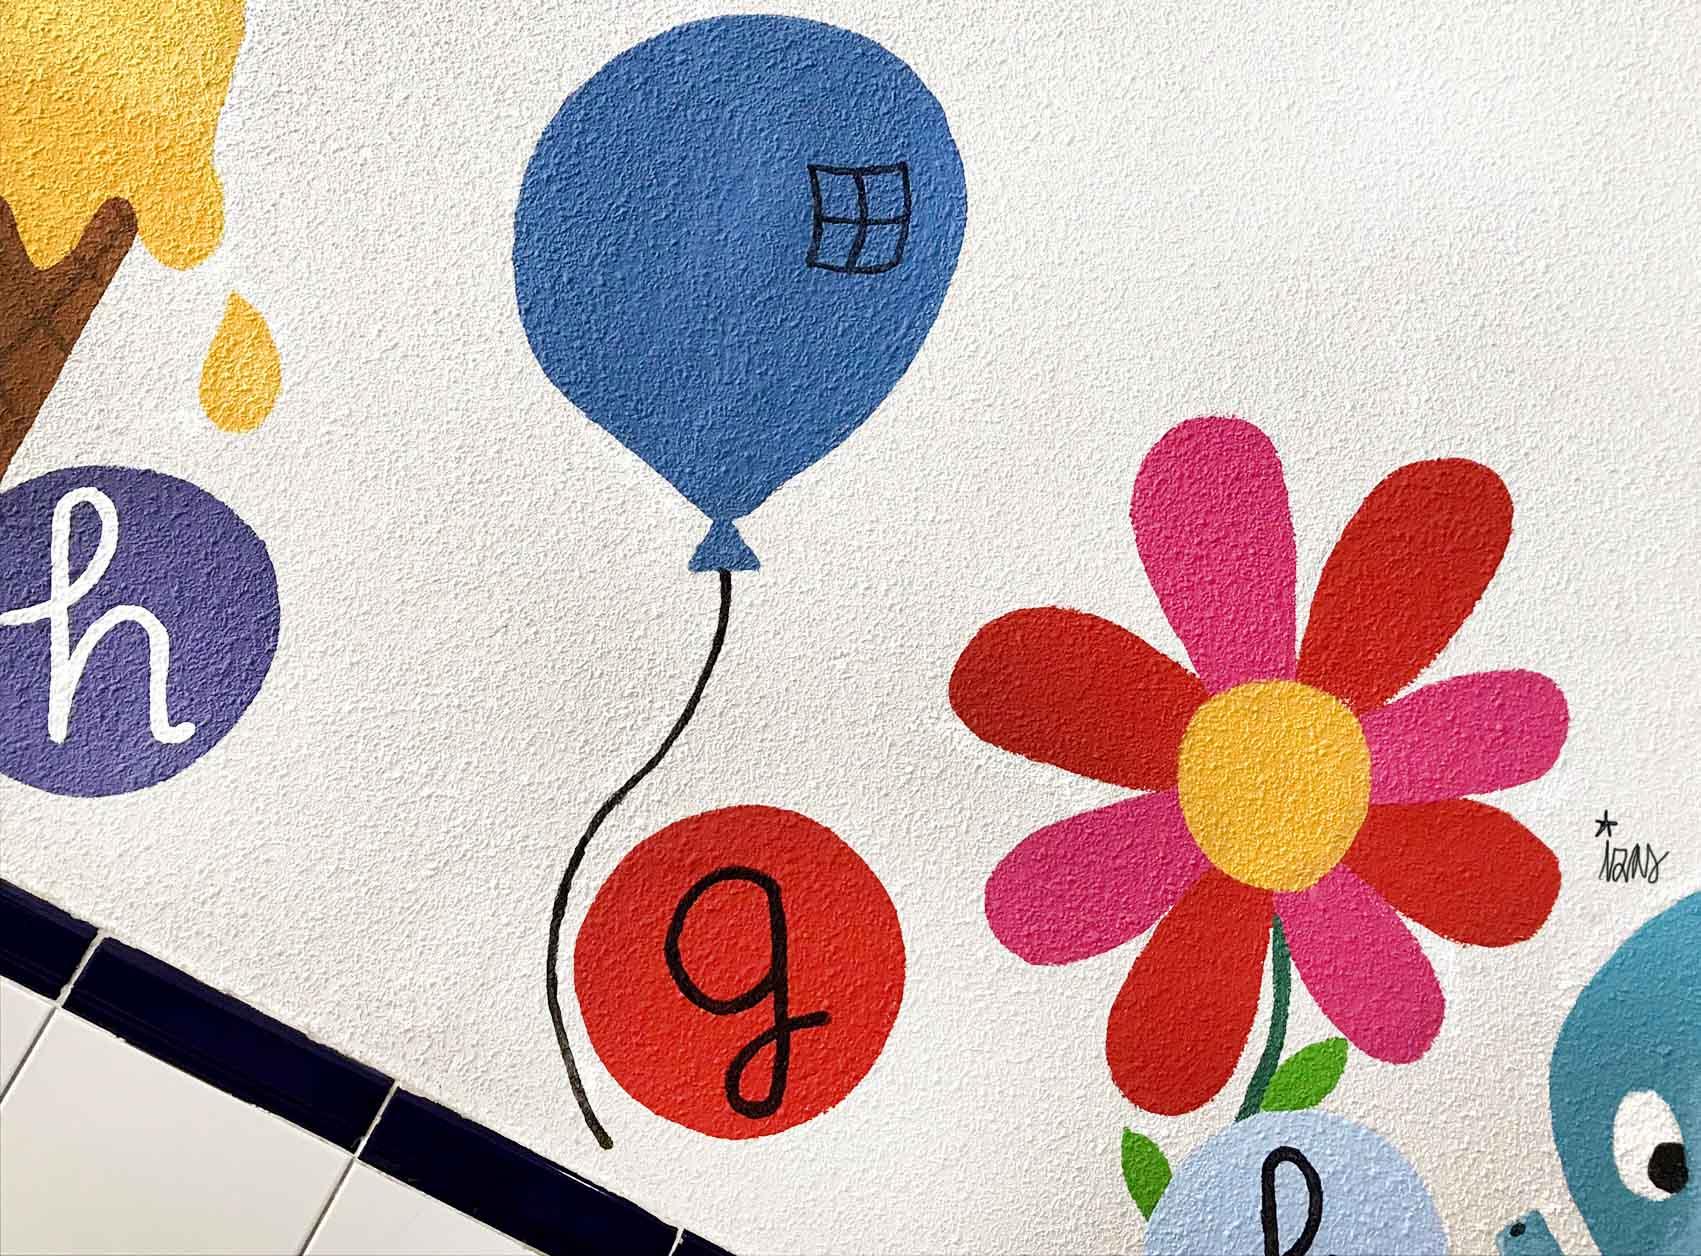 mural izas azulpatio soledad sainz escalera 10